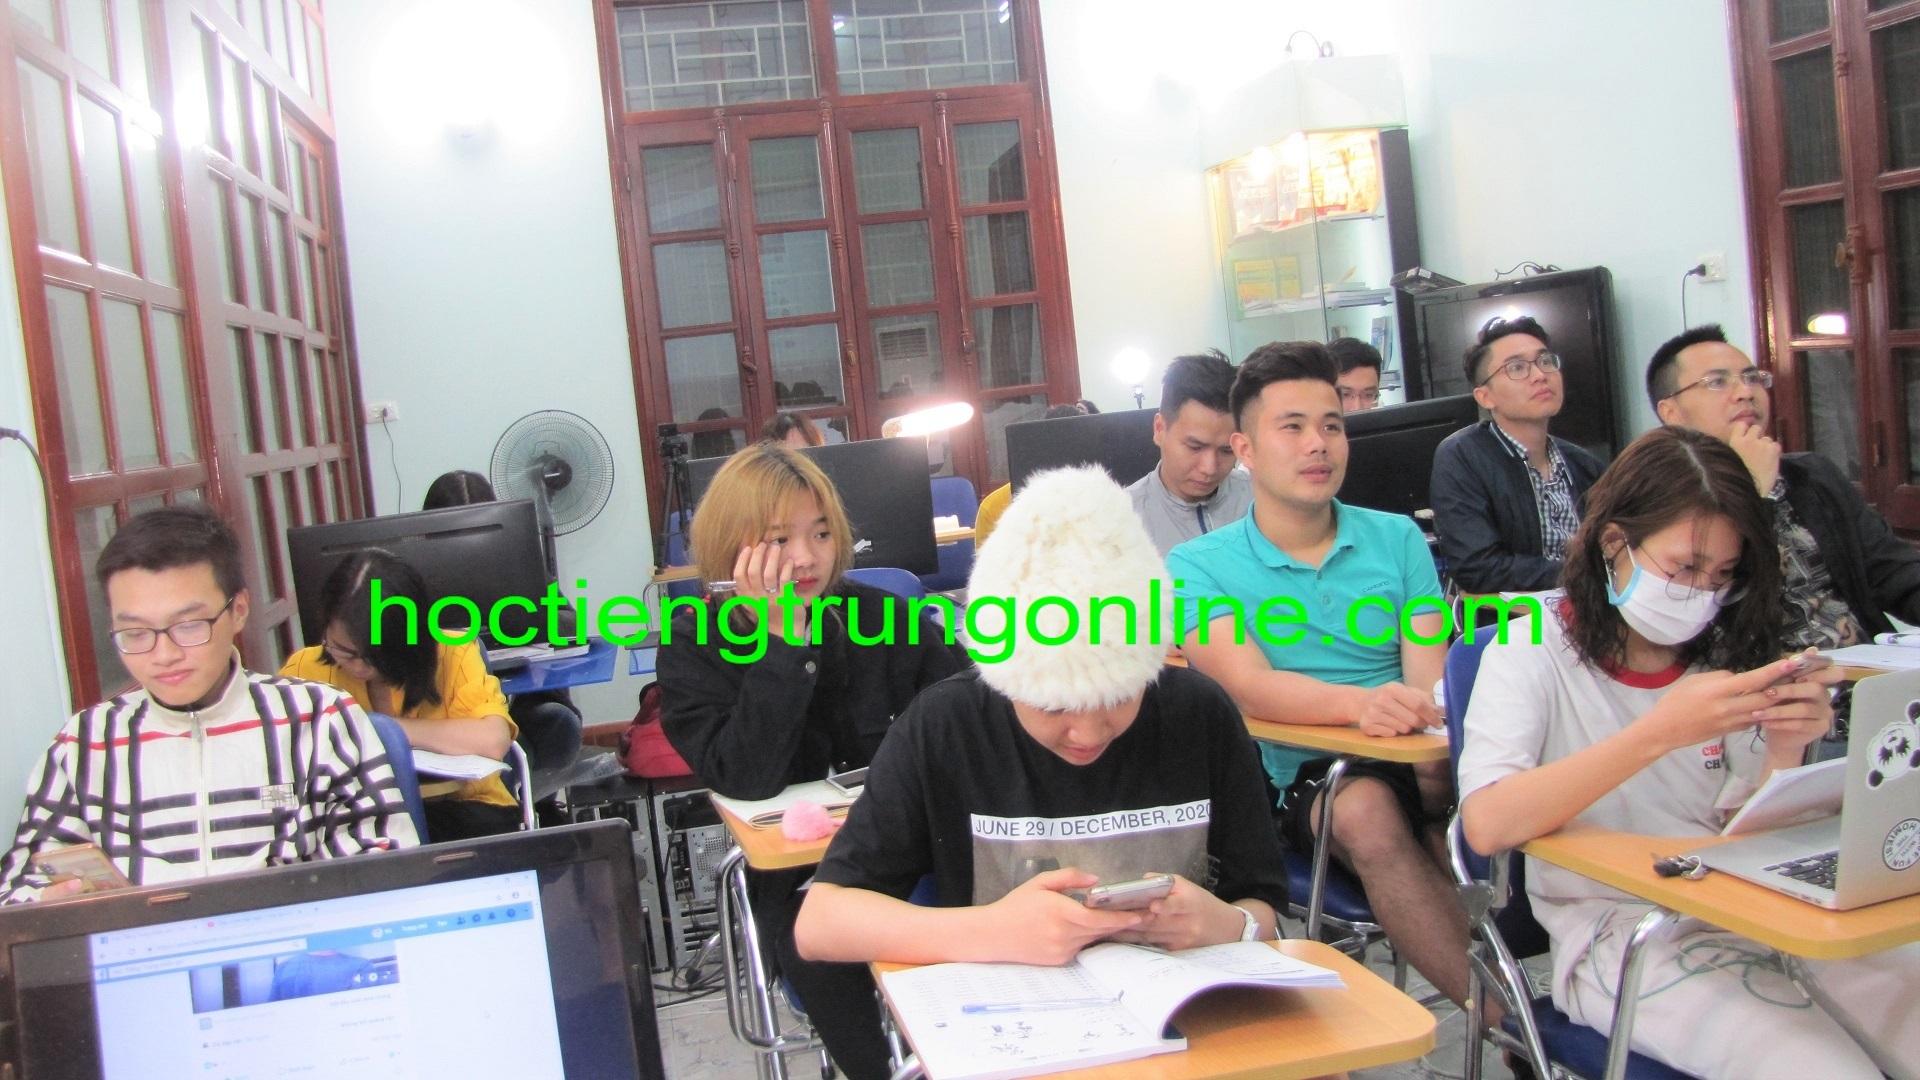 Học tiếng Trung online Thầy Vũ Trung tâm tiếng Trung ChineMaster 12